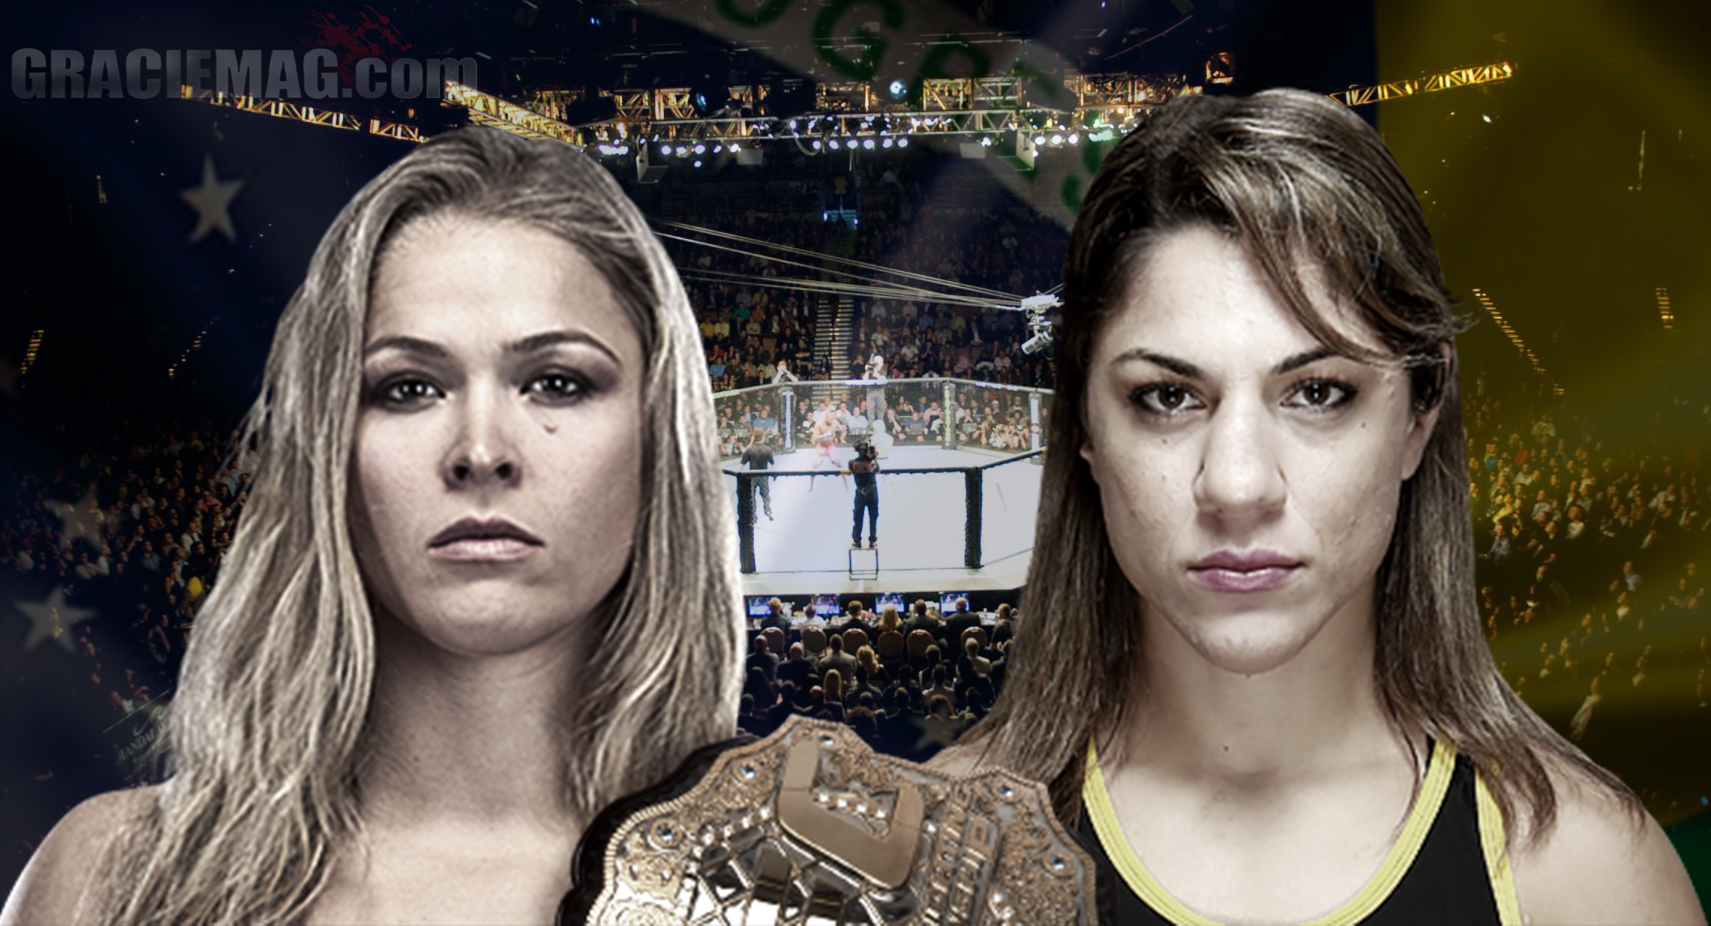 Ronda e Bethe concordam em um duelo no Brasil. Será que o UFC topa? (Montagem em fotos de Zuffa LCC via Getty Images)